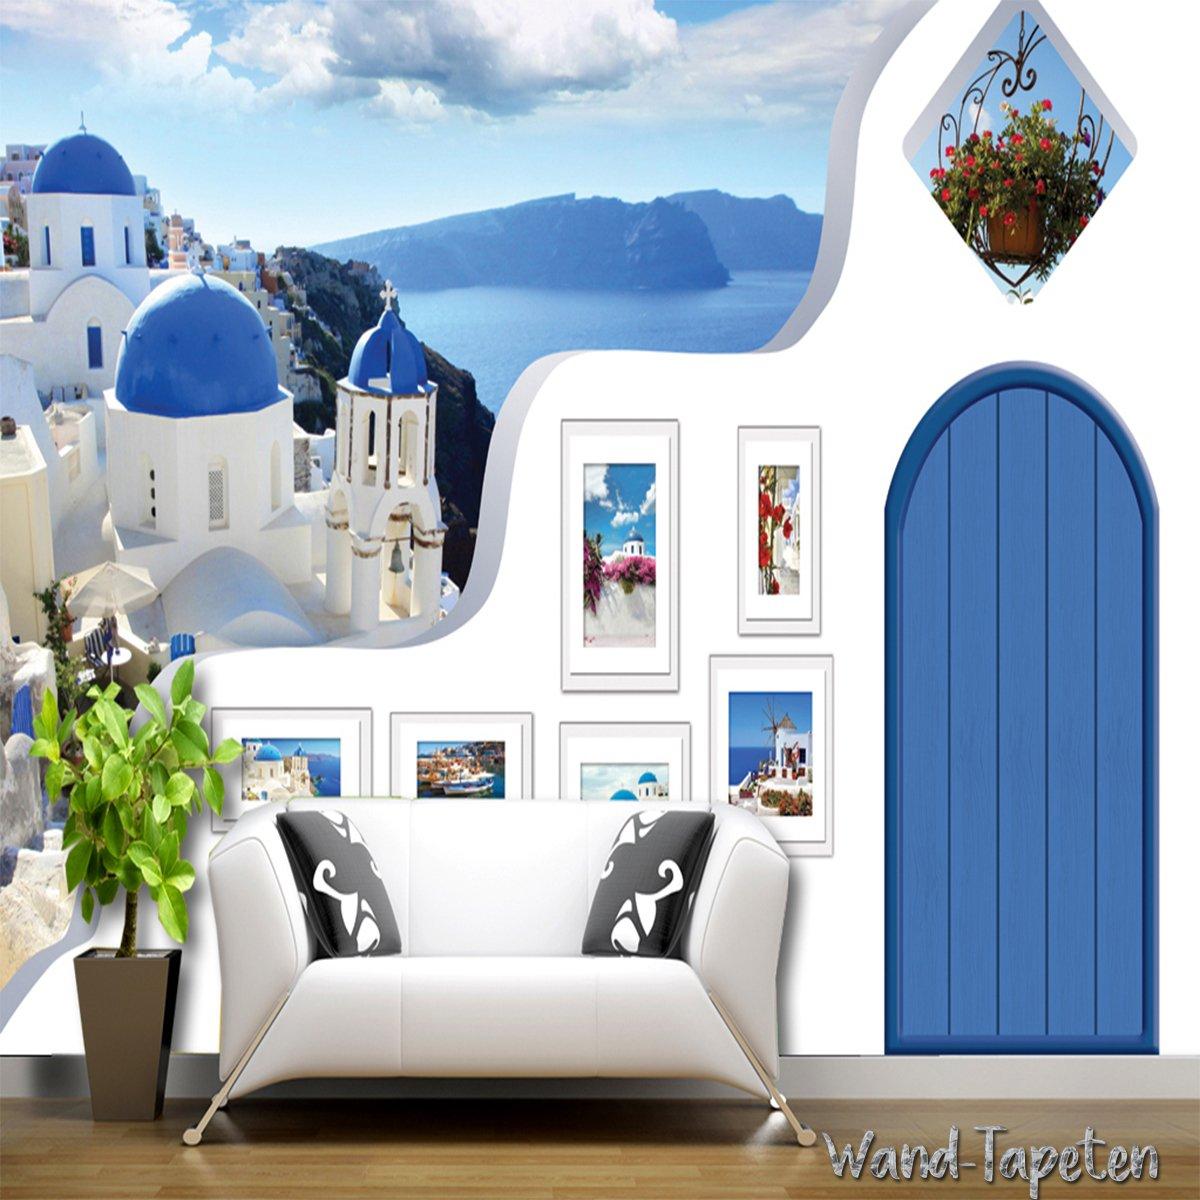 Fleece Photo Wallpaper - Wall Mural 3D Wall Picture Mediterranean ...